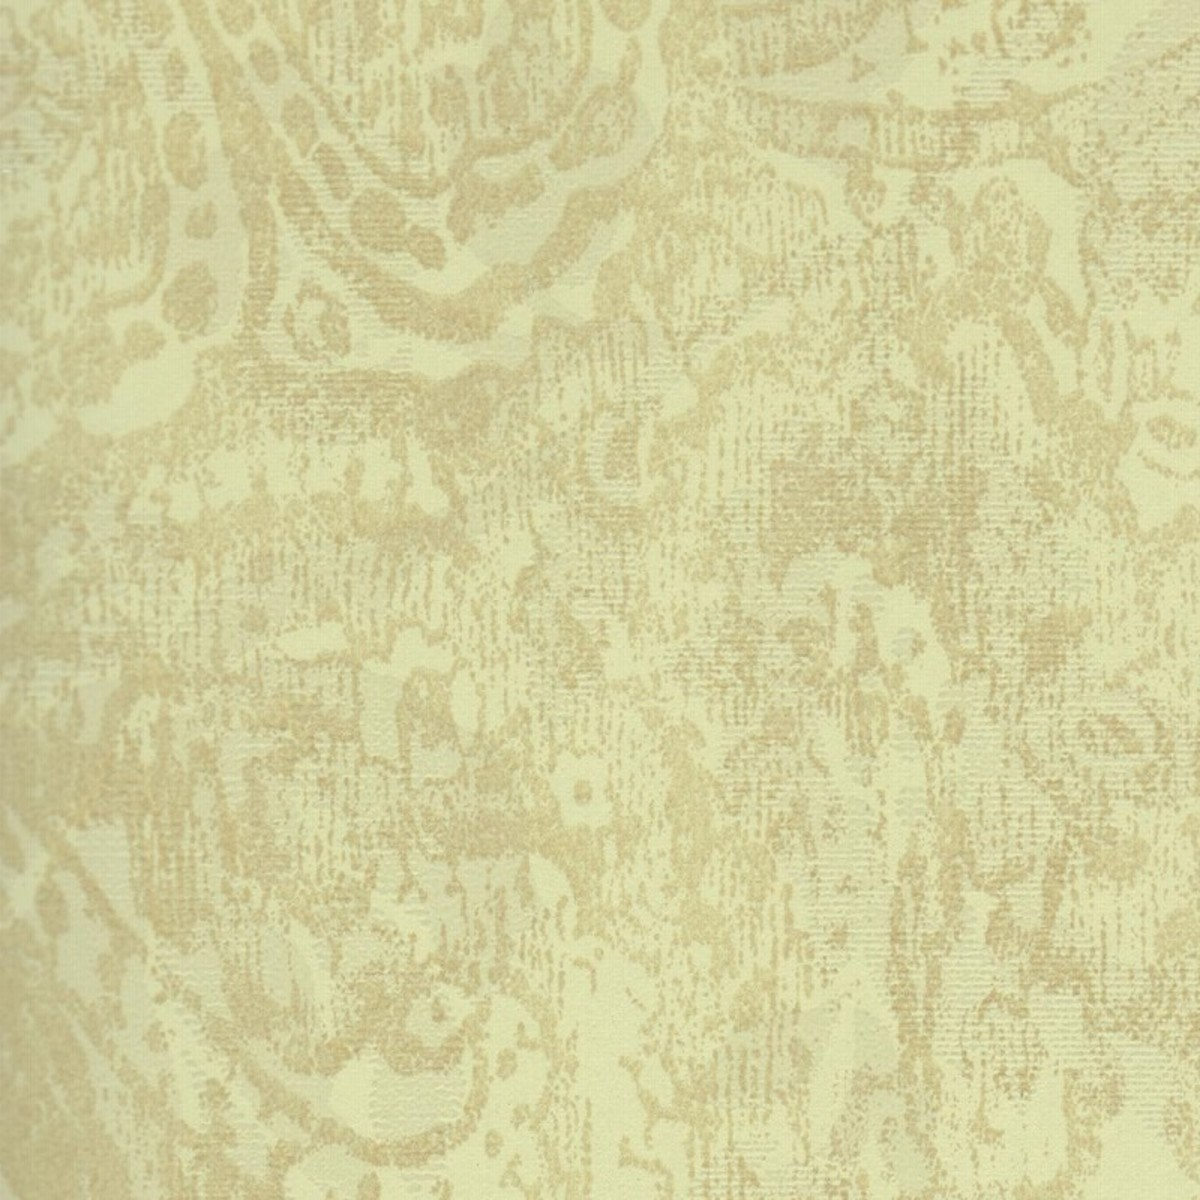 Виниловые обои York Wallcoverings зеленые ОR3548 0.68 м